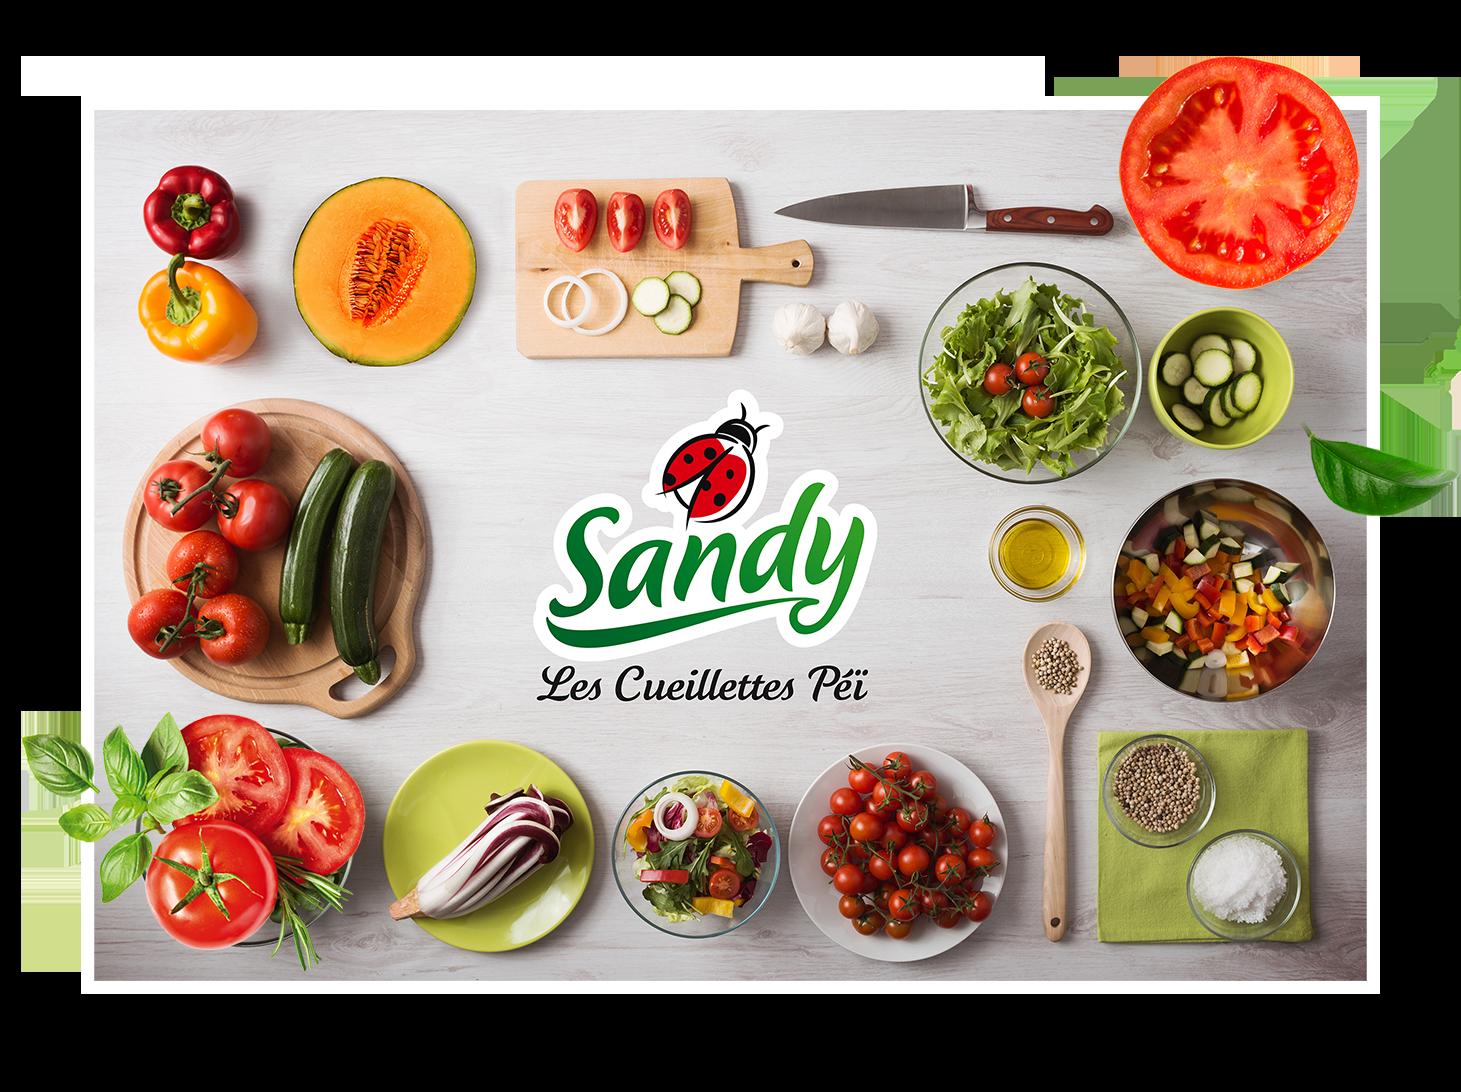 Sandy - Sandy, c'est une marque créée par deux agriculteurs réunionnais pour offrir le meilleur de la culture réunionnaise dans nos assiettes.Notre mission est d'offrir à chacun d'entre (nous) vous des produits maraîchers Péï, frais, sains et goûteux.100 % des légumes Sandy sont cultivés à La Réunion ! Et ils le seront toujours…